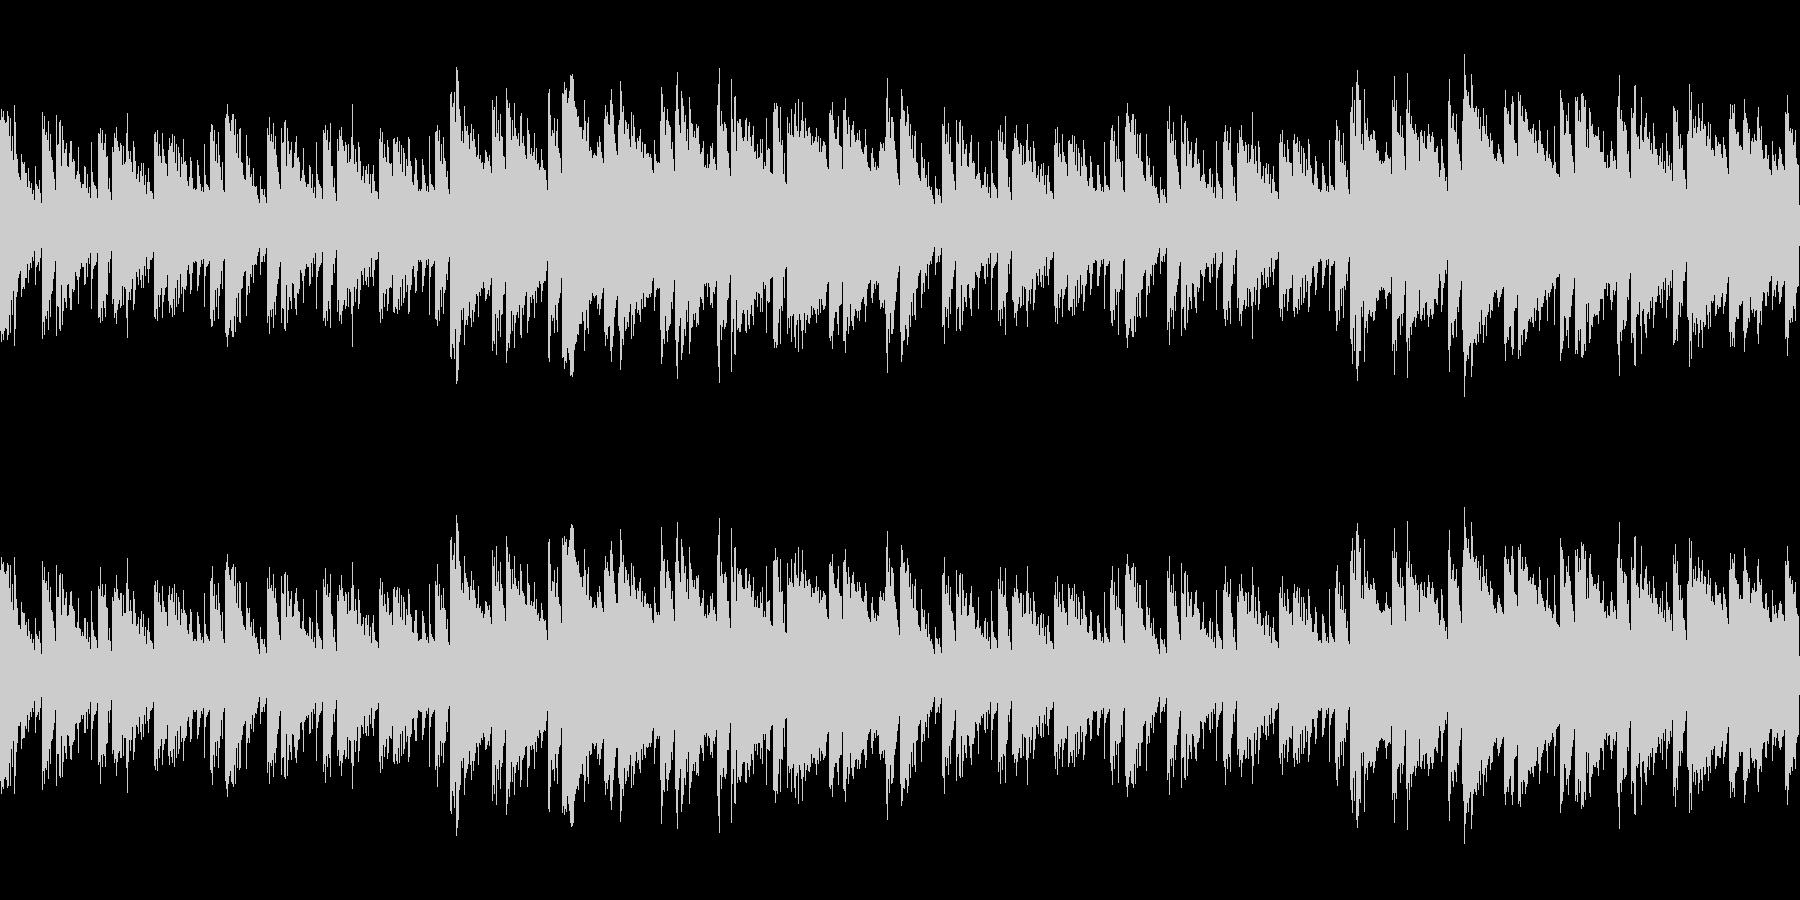 【主張しない背景音楽】ゲーム1【ループ】の未再生の波形